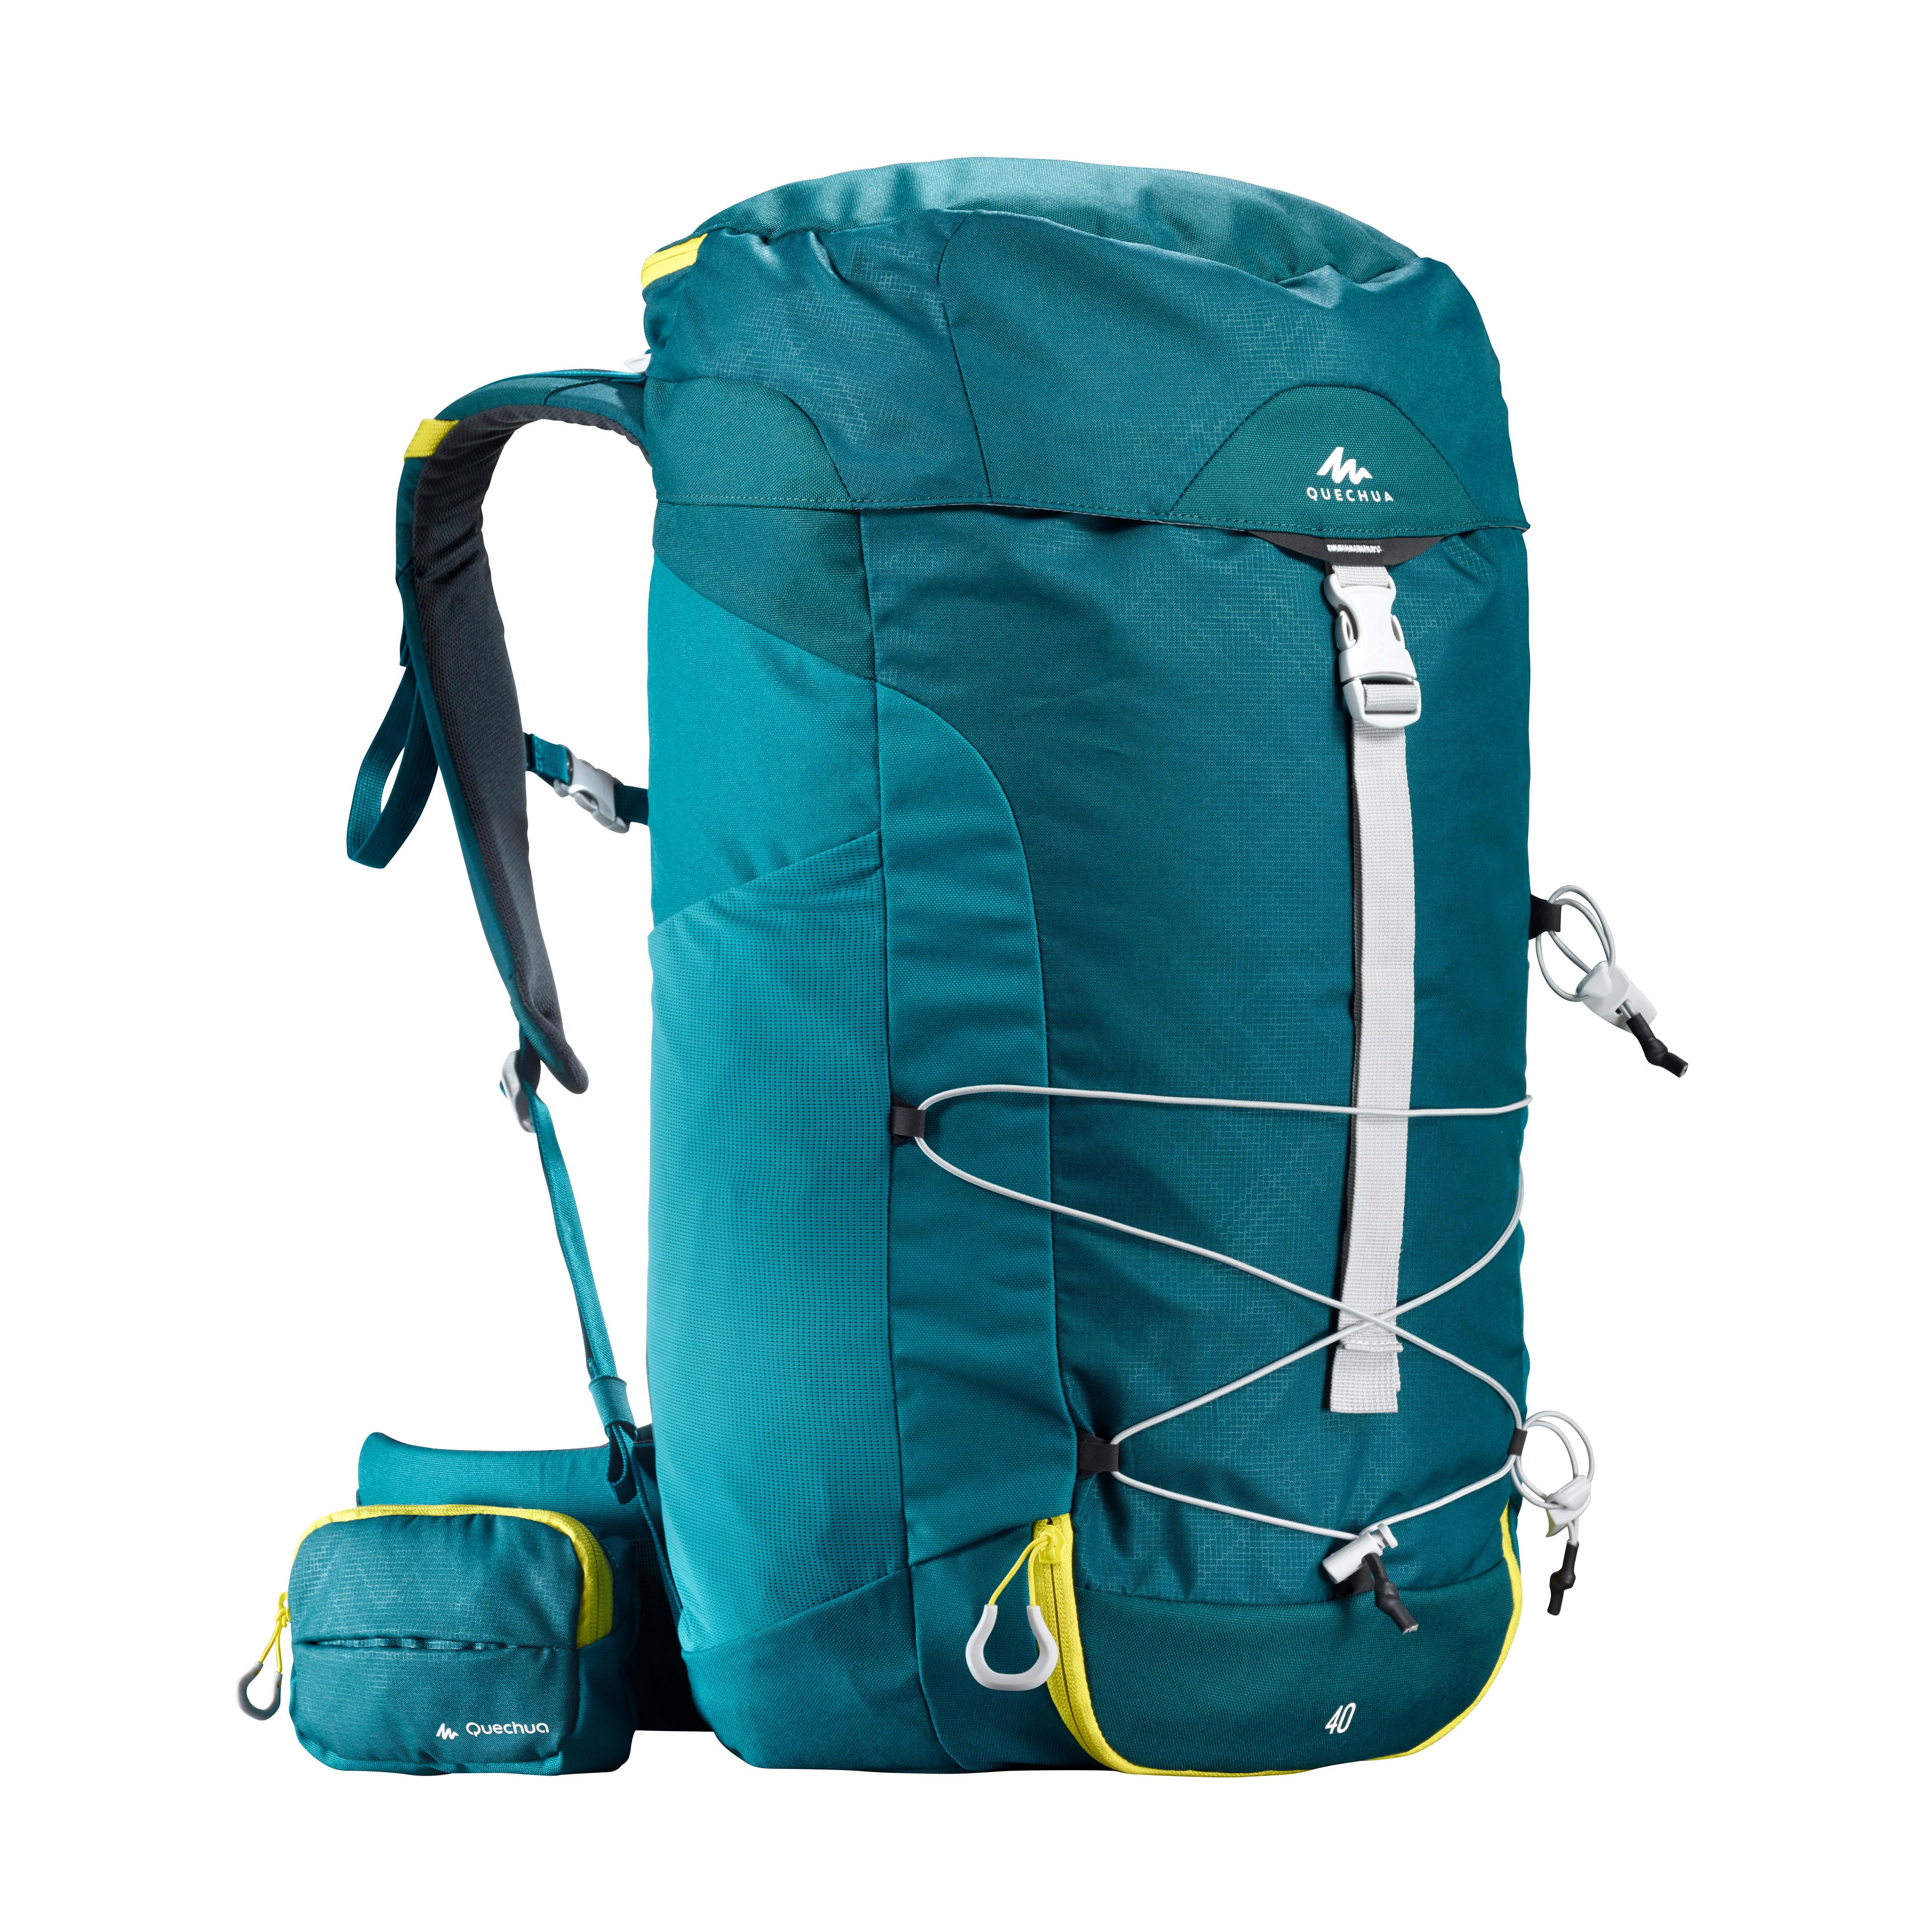 Quechua Wandelrugzak voor bergtochten MH100 40 liter blauw